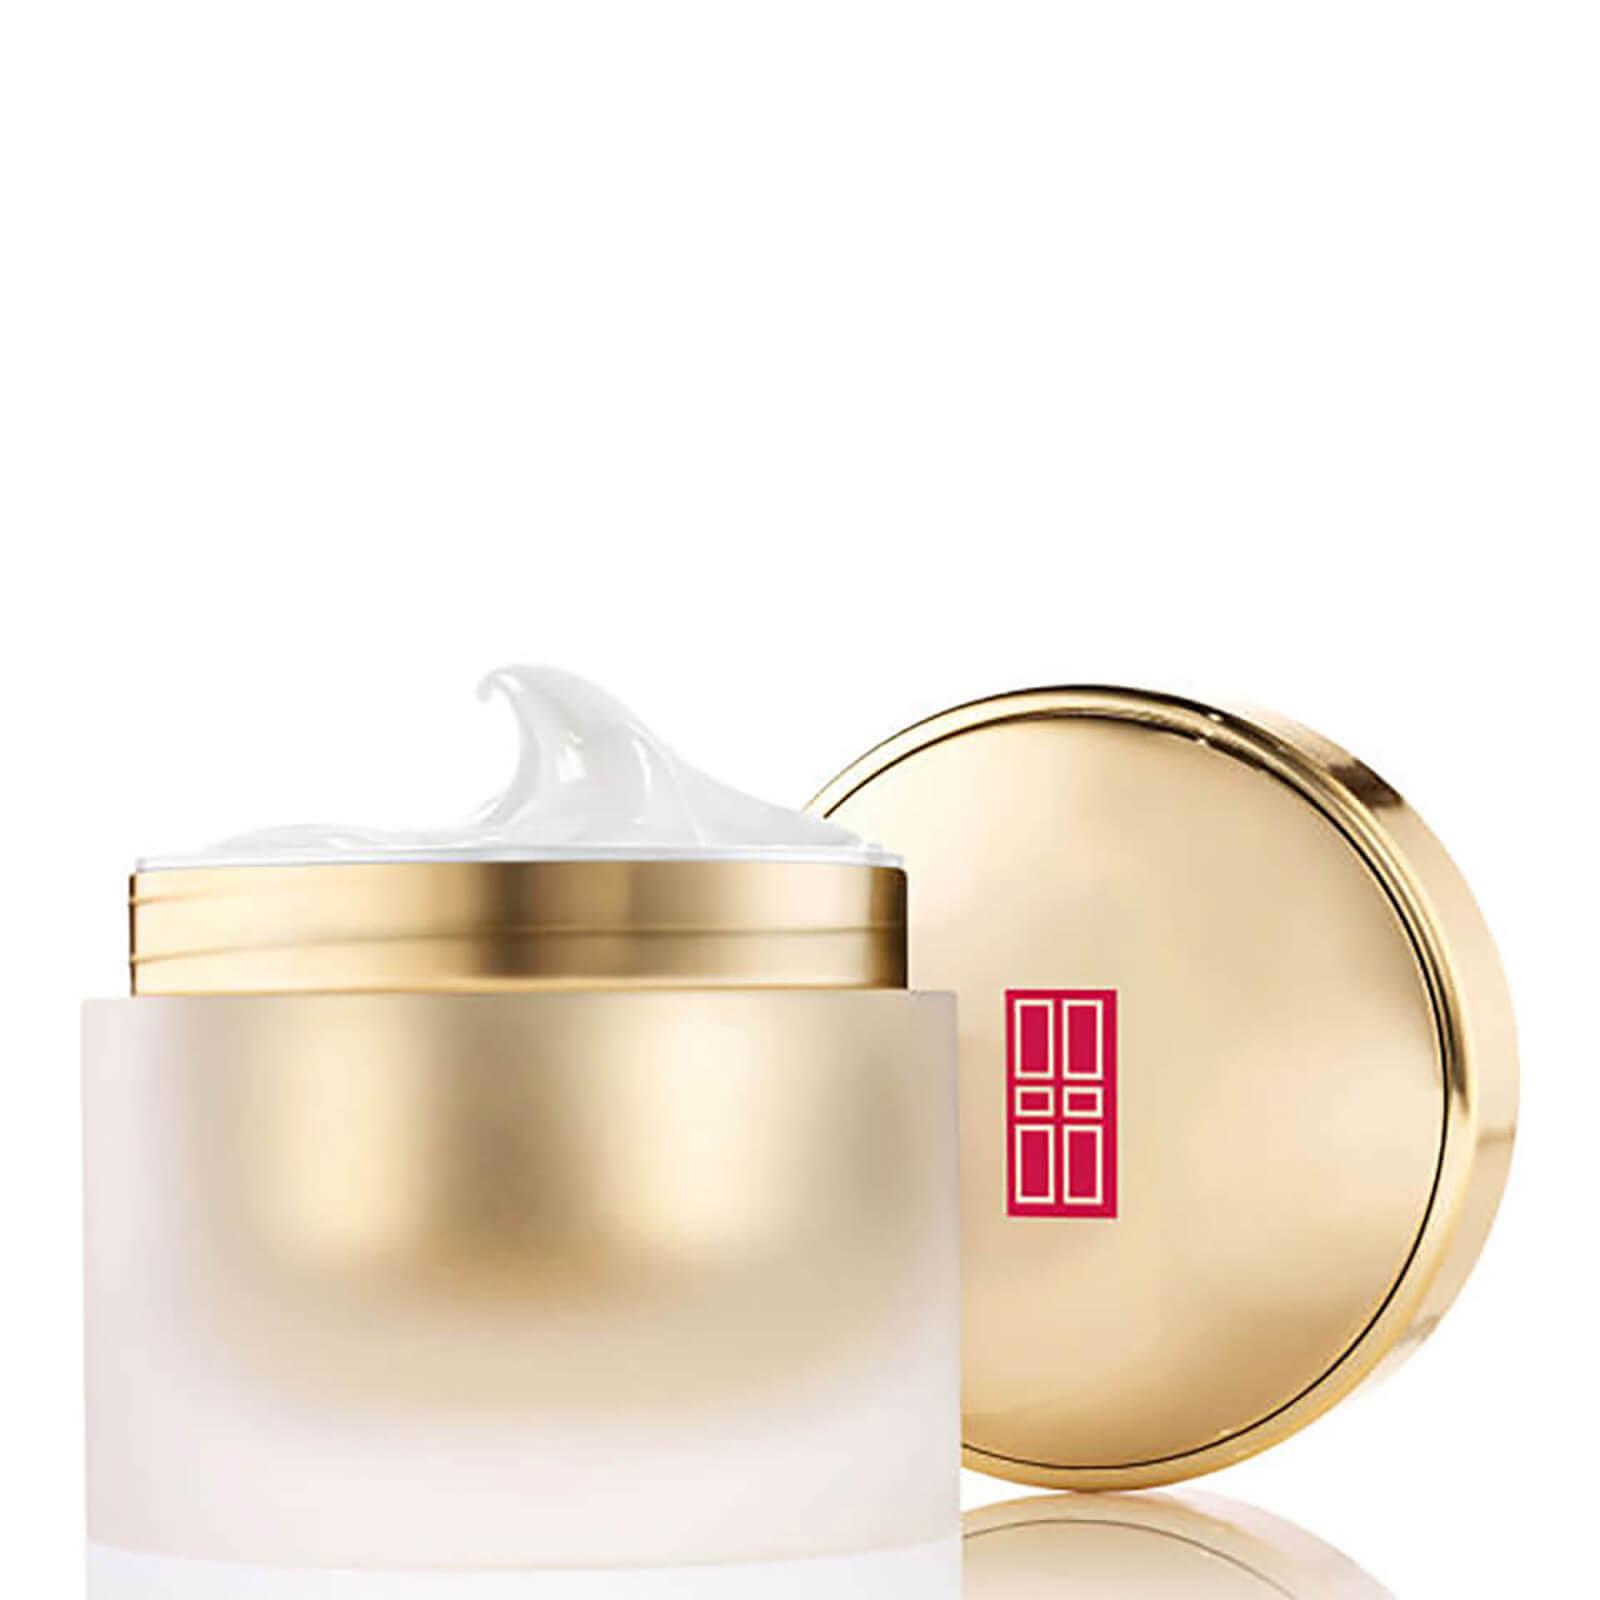 Купить Увлажняющий крем-лифтинг Elizabeth Arden Ceramide Plump Perfect Ultra Lift & Firm Moisture Cream Spf30 (50 мл)